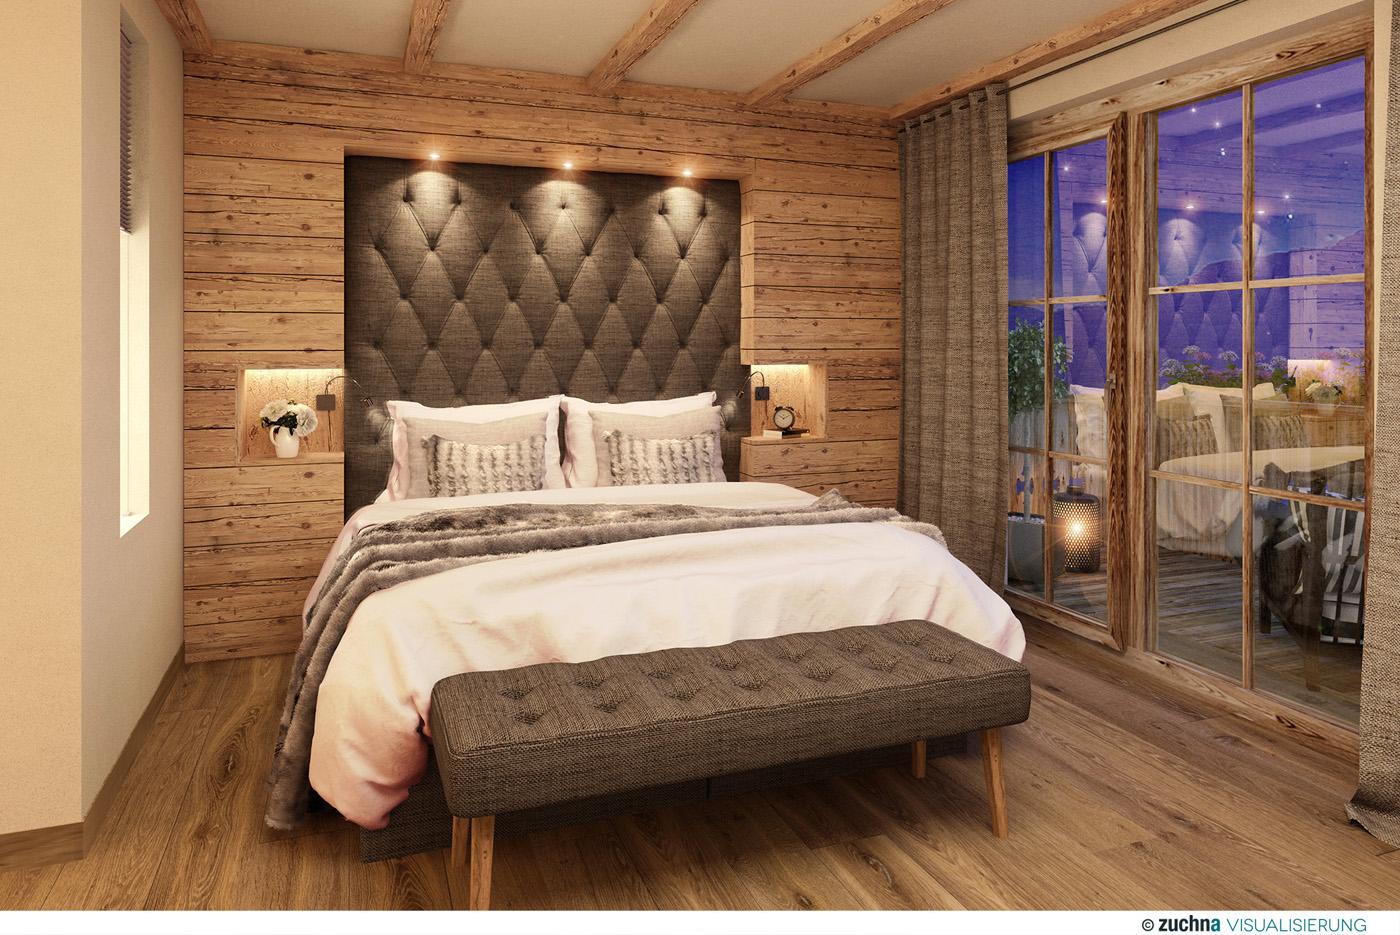 Altholz Interior